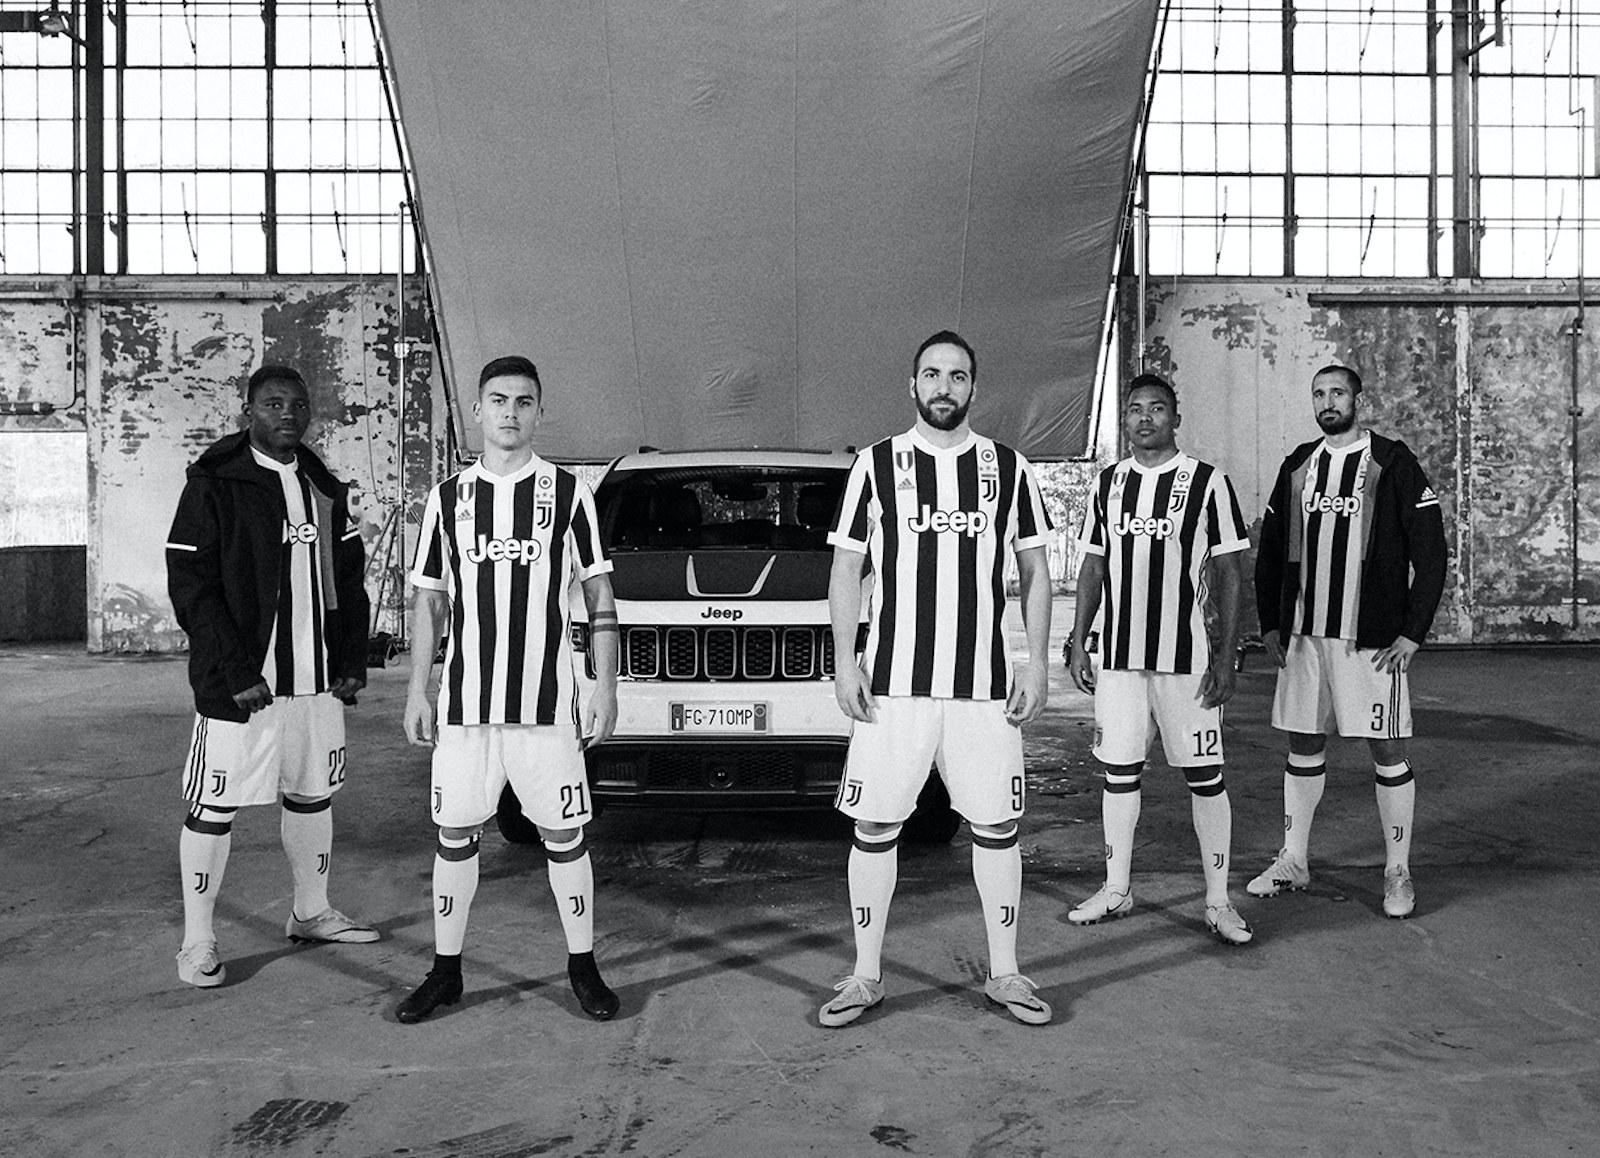 Jeep & Juventus